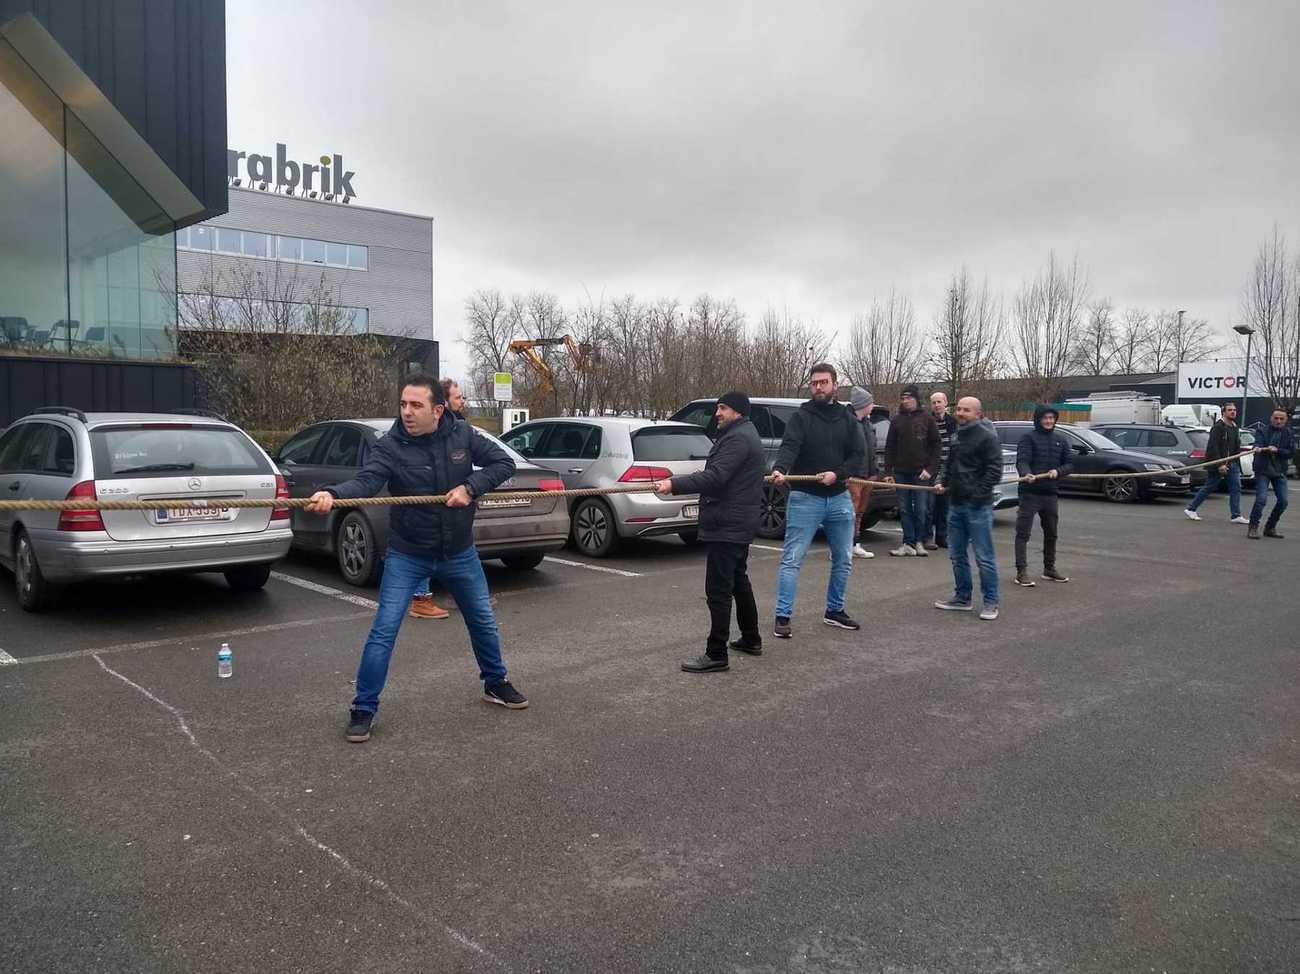 Vrijdag 31/01: kick-off van de fit@durabrik!